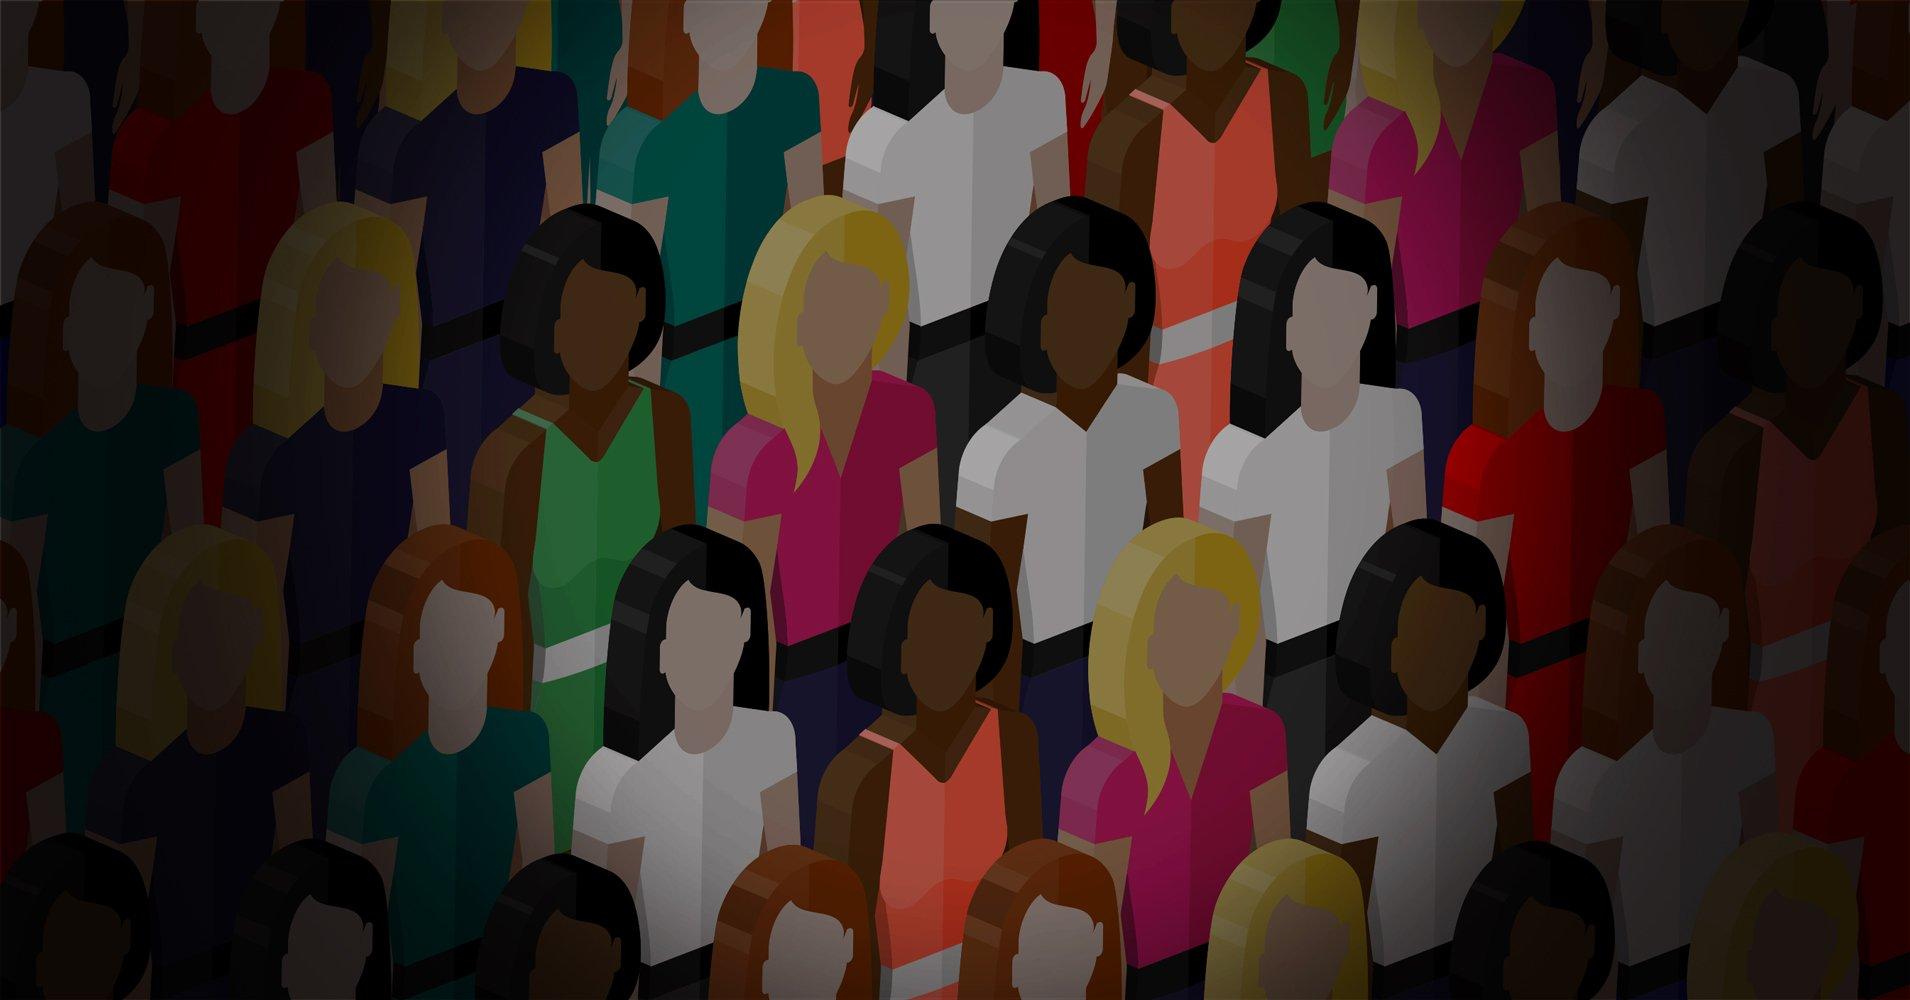 Balancing Feminism, Human Rights, & Faith